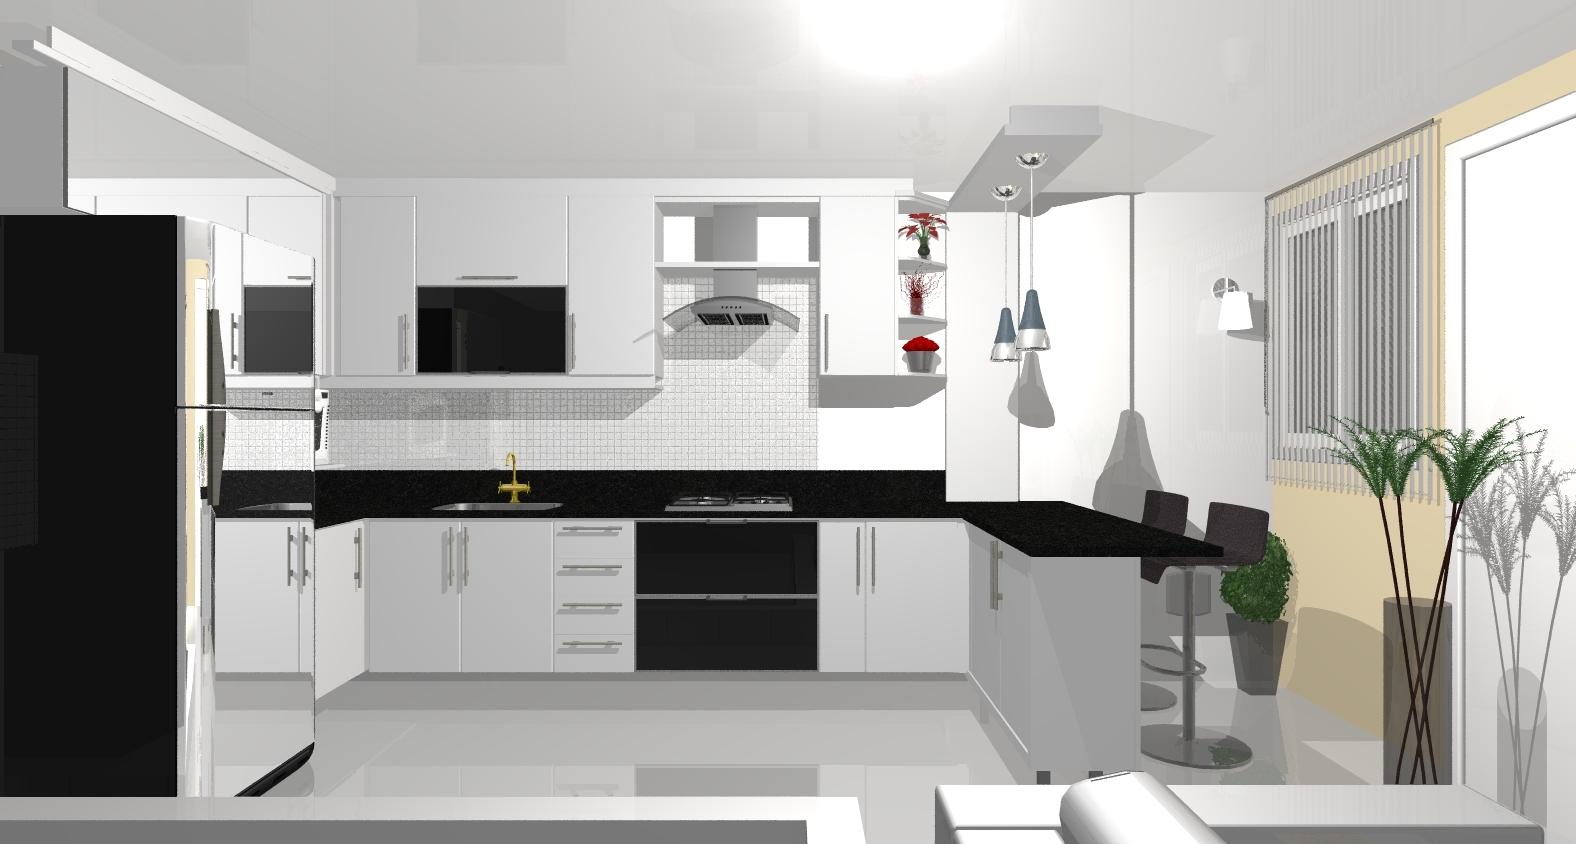 Cantinho da Mimi: Projeto da Cozinha #65433A 1576 844